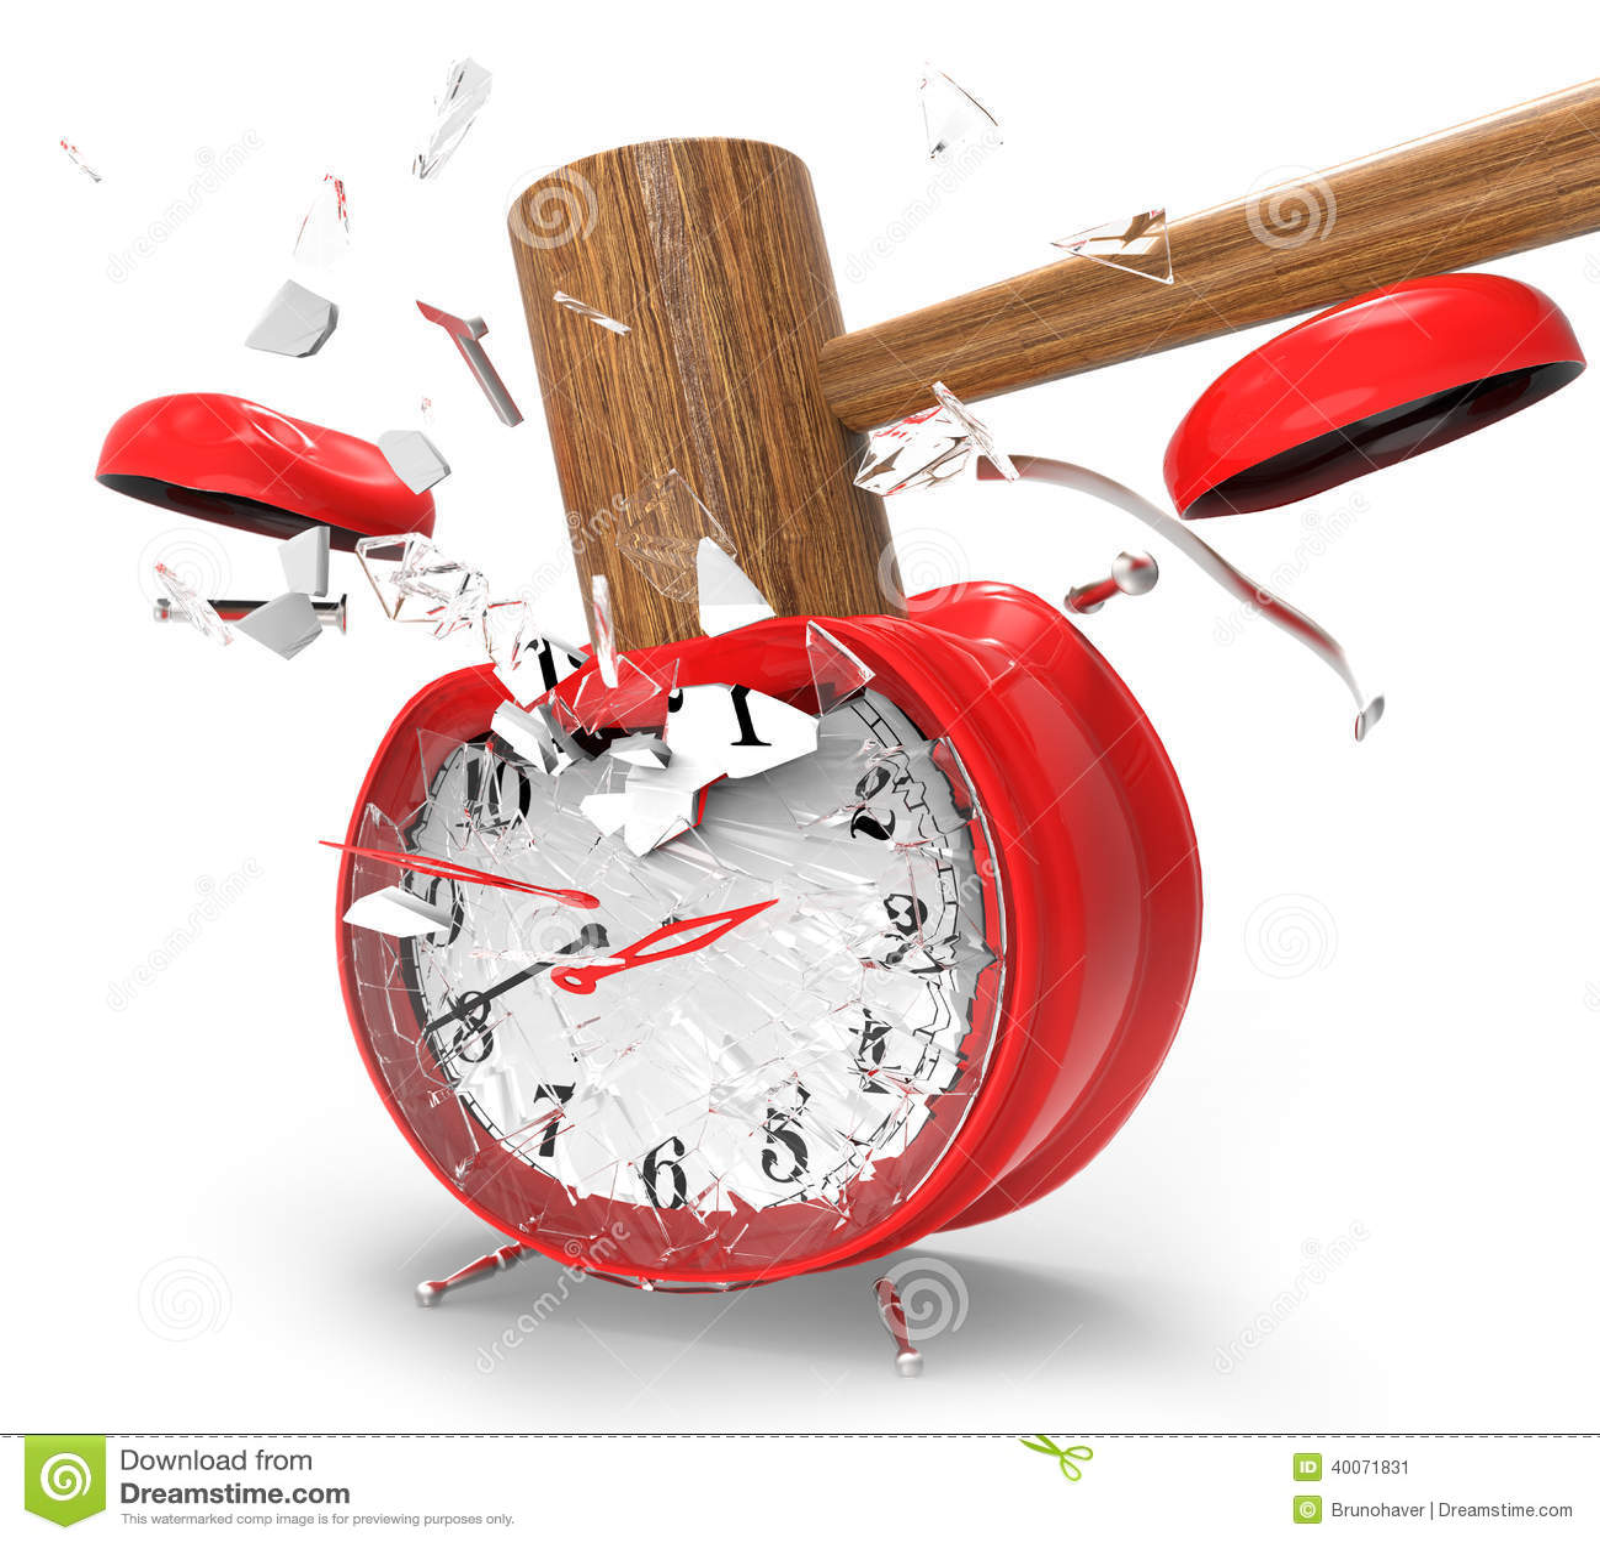 hammer-hitting-alarm-clock-white-backgro